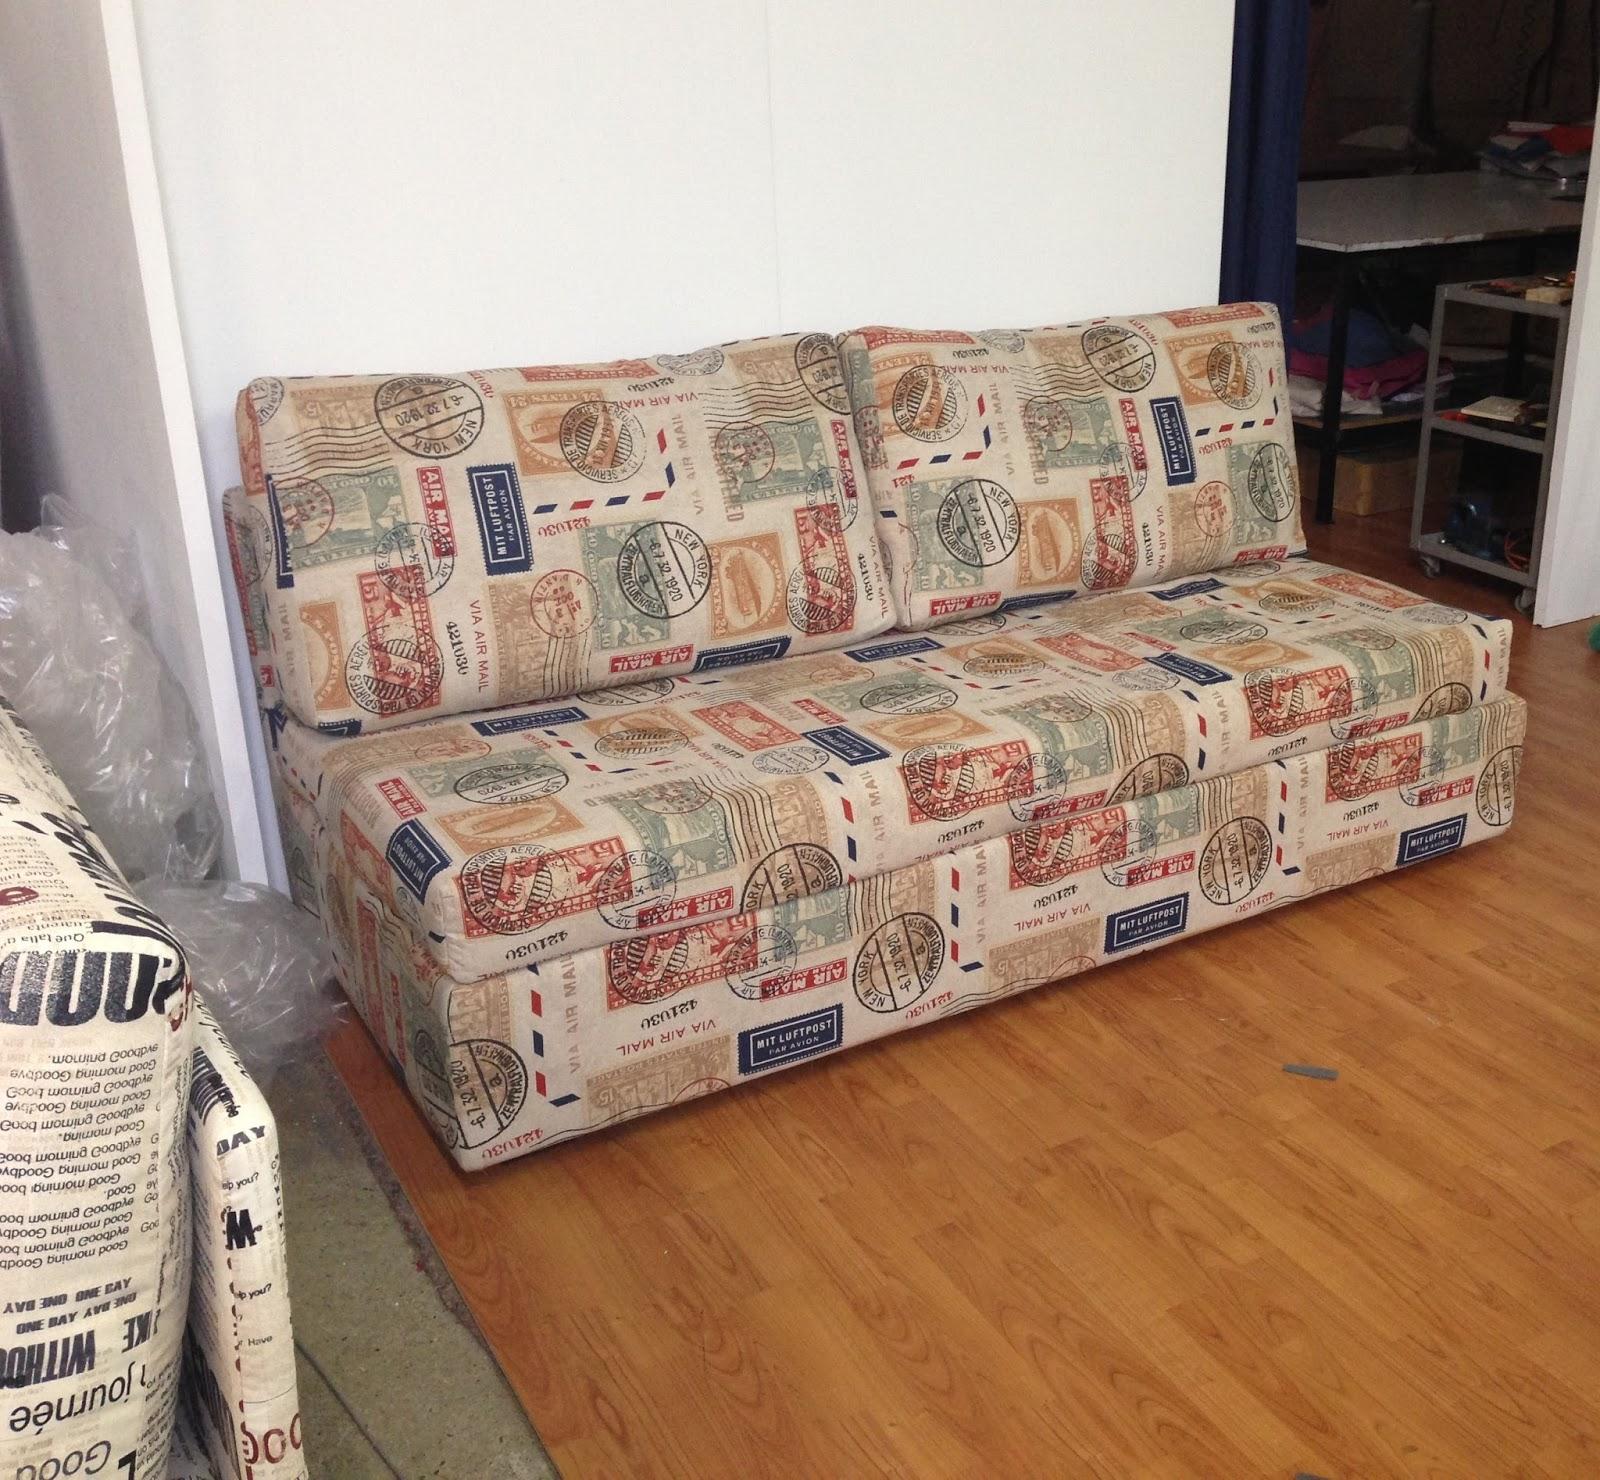 Vendita divani letto lissone monza e brianza milano - Trasformare letto in divano ...